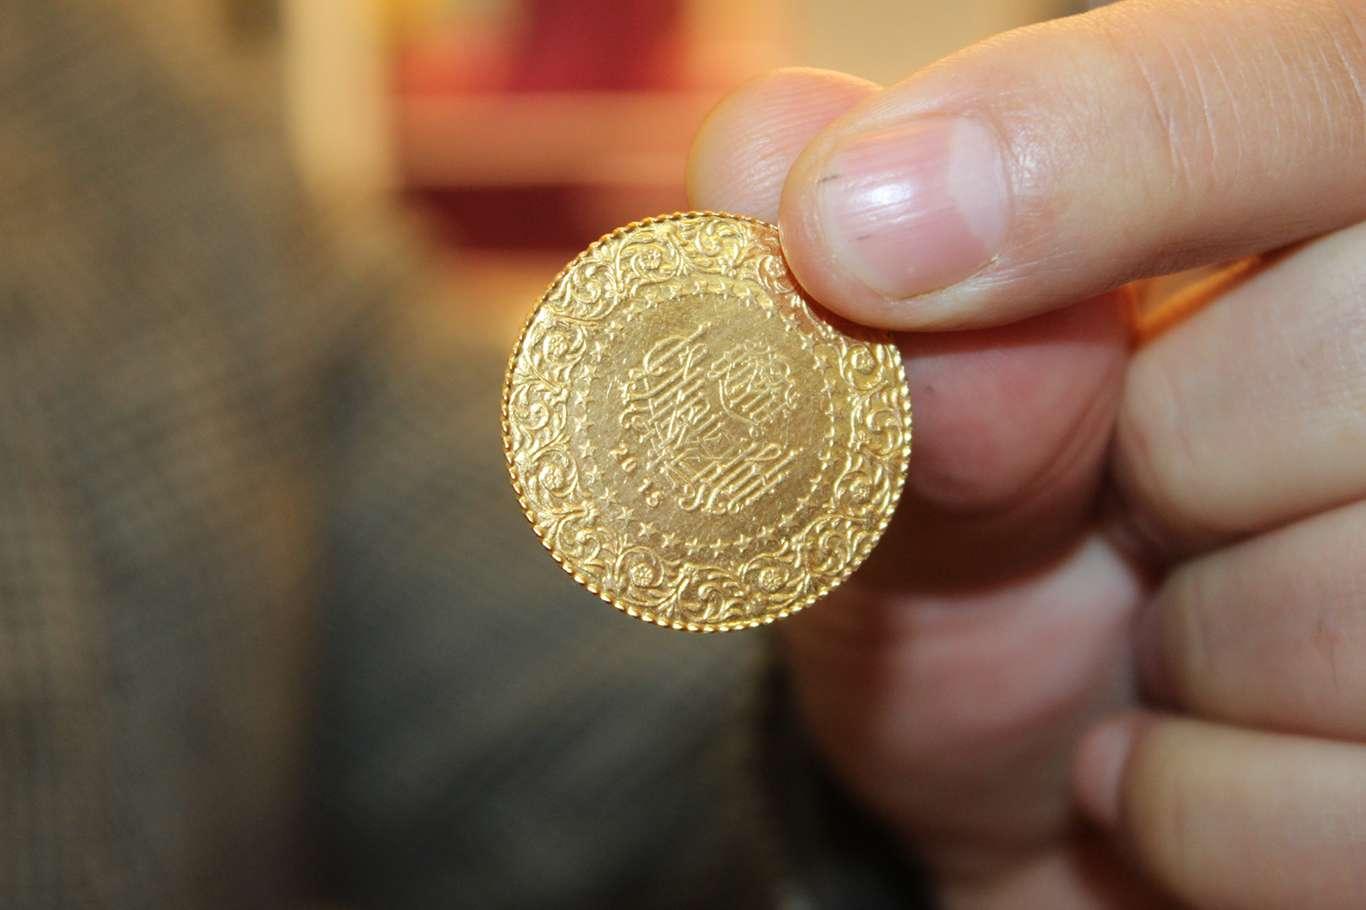 Altın Düşüşe Devam Ediyor Kuyumculardan Halka 'altın' Çağrısı Yapıldı! Altın Alın